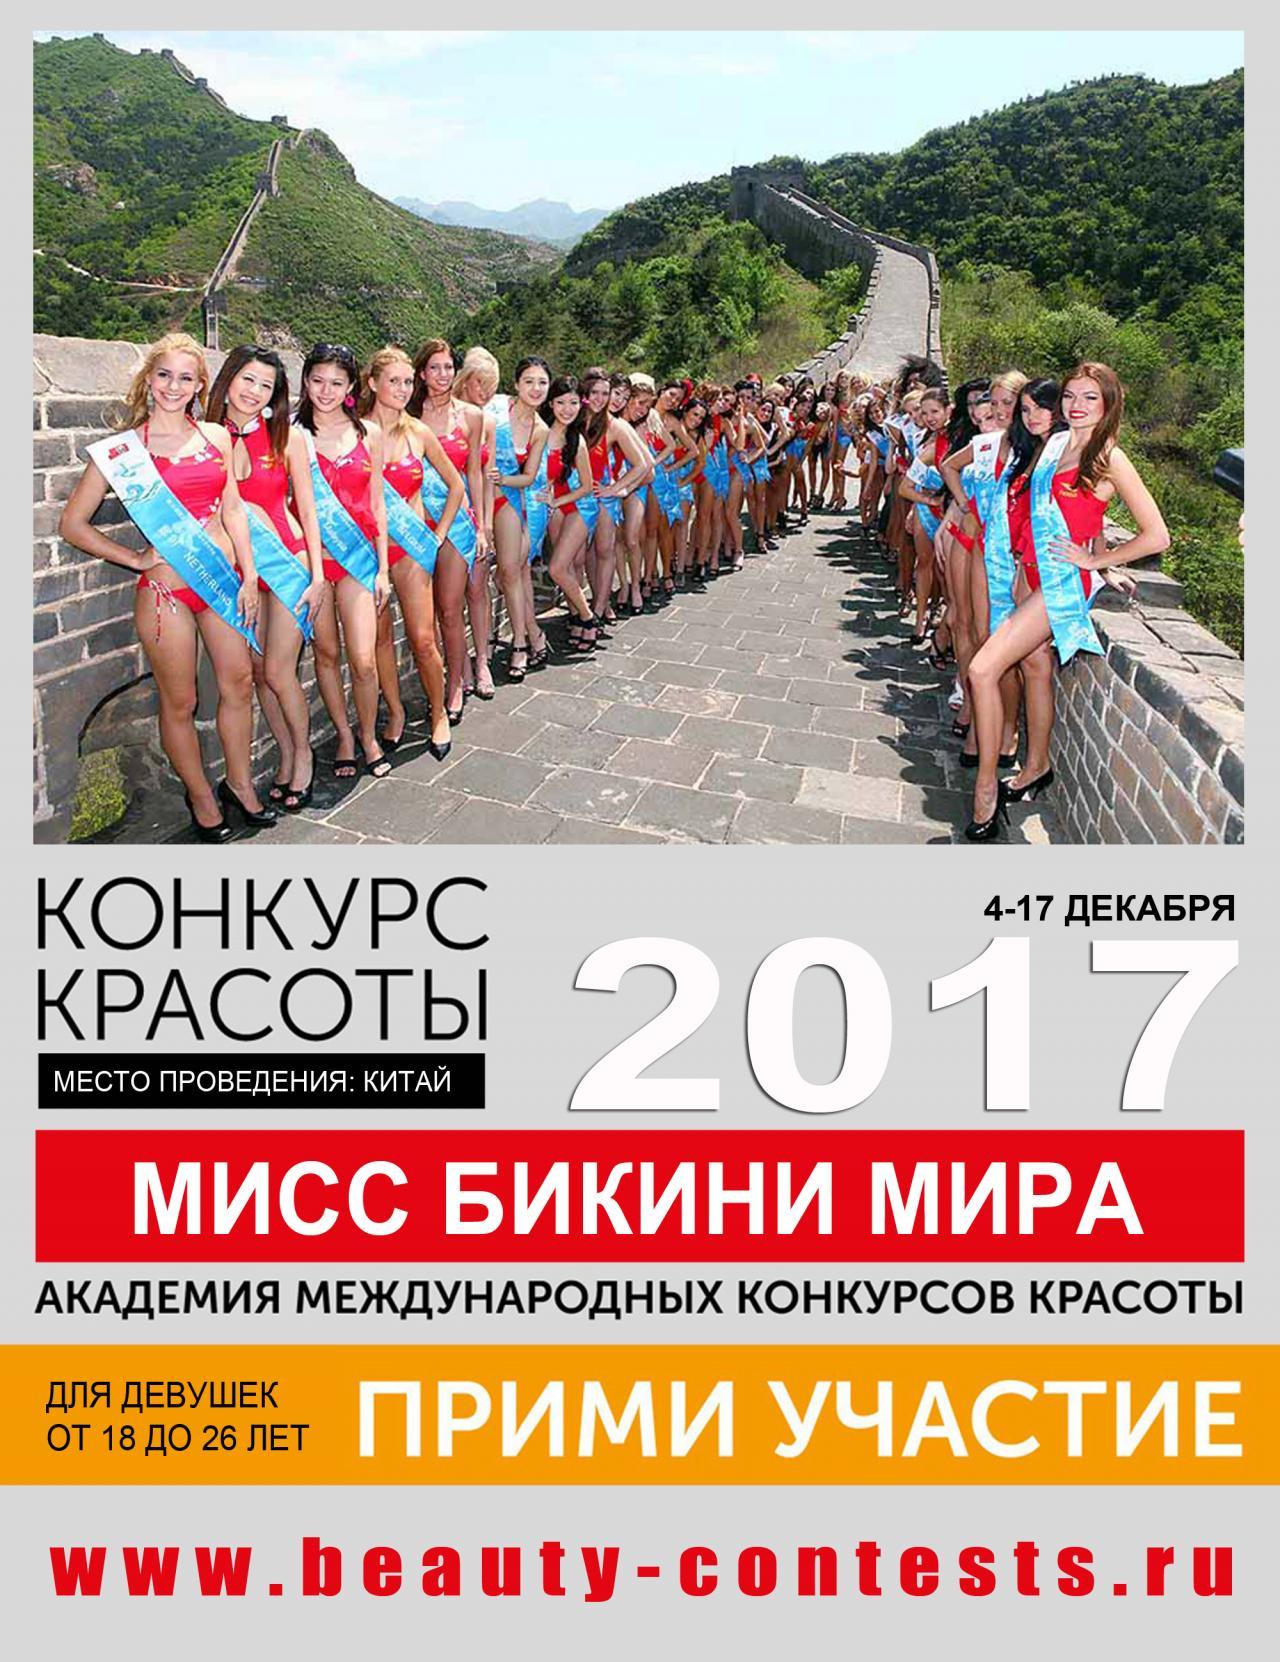 Приглашаем девушек, международный конкурс красоты МИСС БИКИНИ МИРА 2017